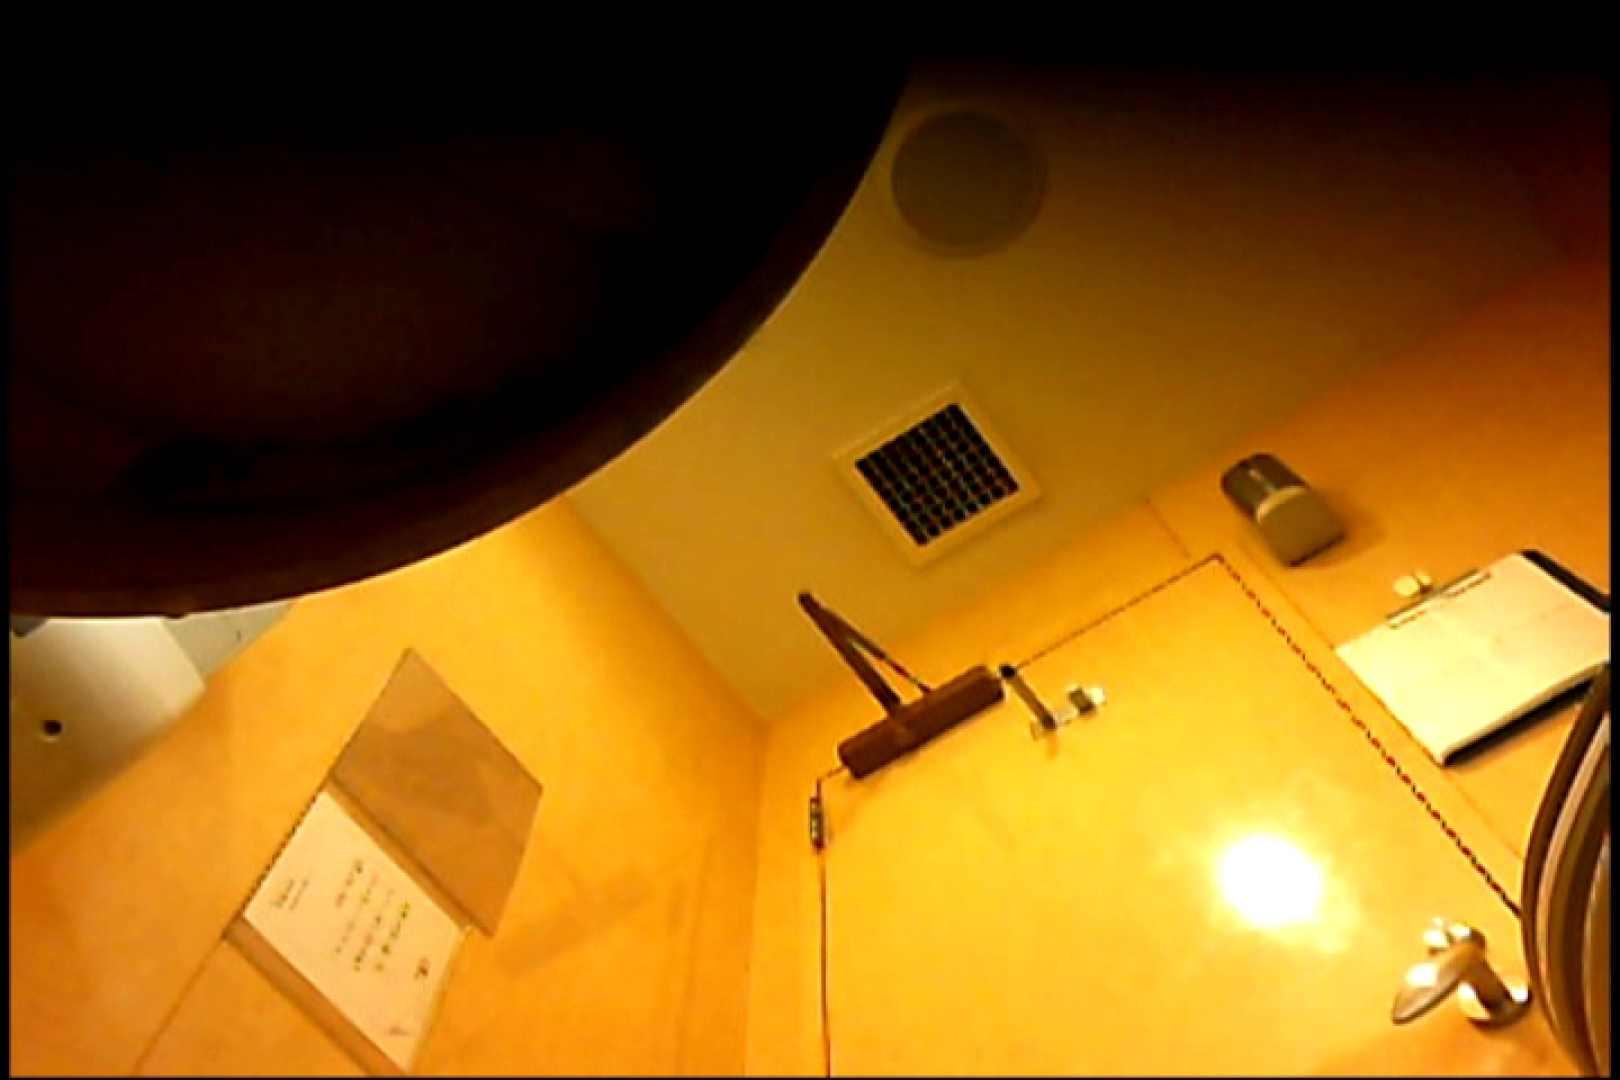 画質向上!新亀さん厠 vol.36 黄金水 オマンコ無修正動画無料 94PIX 54